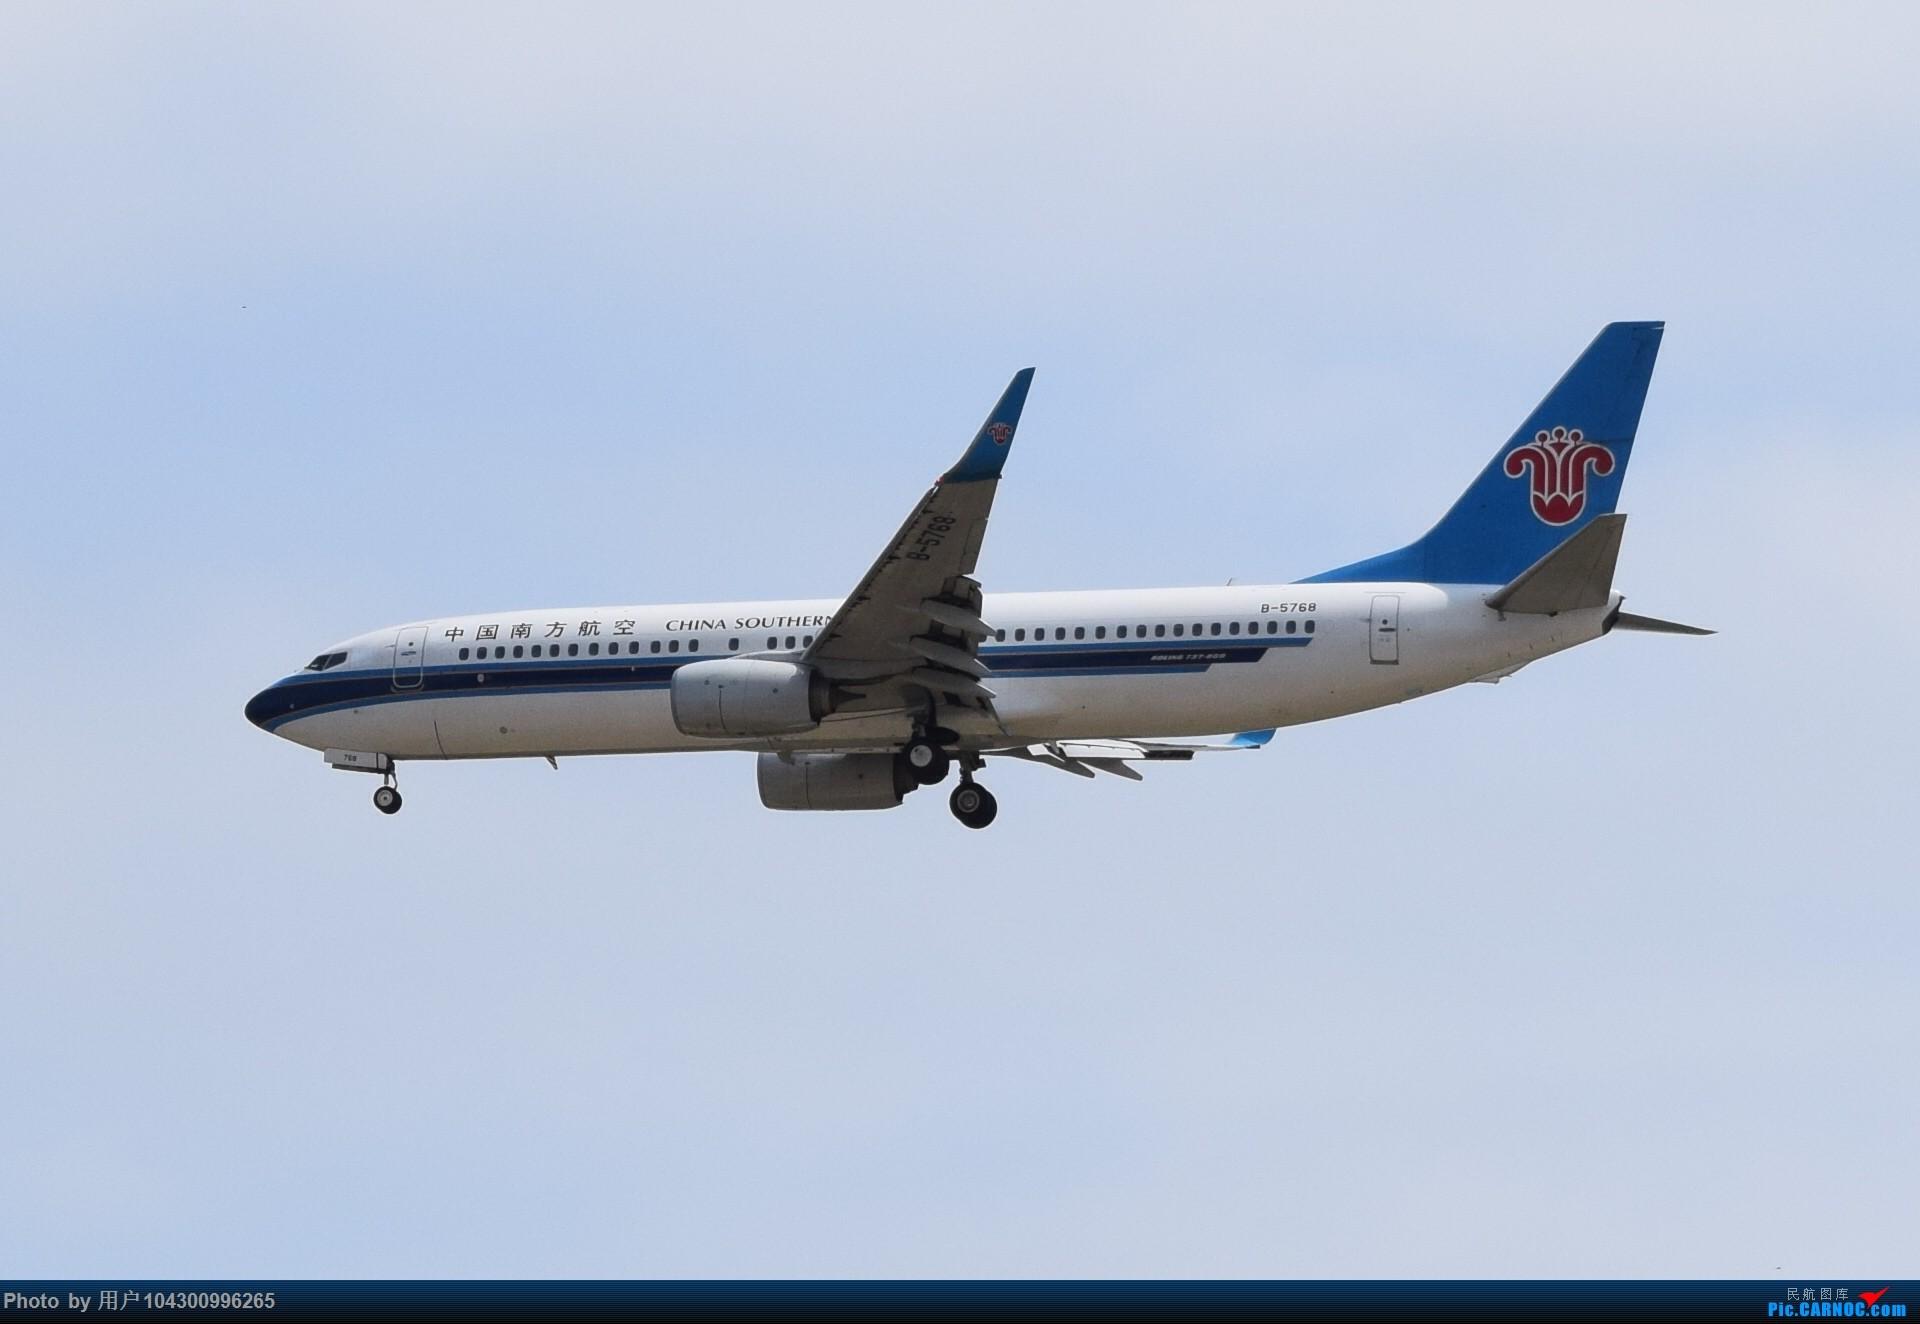 Re:[原创]贵阳龙洞堡杂图一览 BOEING 737-800 B-5768 中国贵阳龙洞堡国际机场